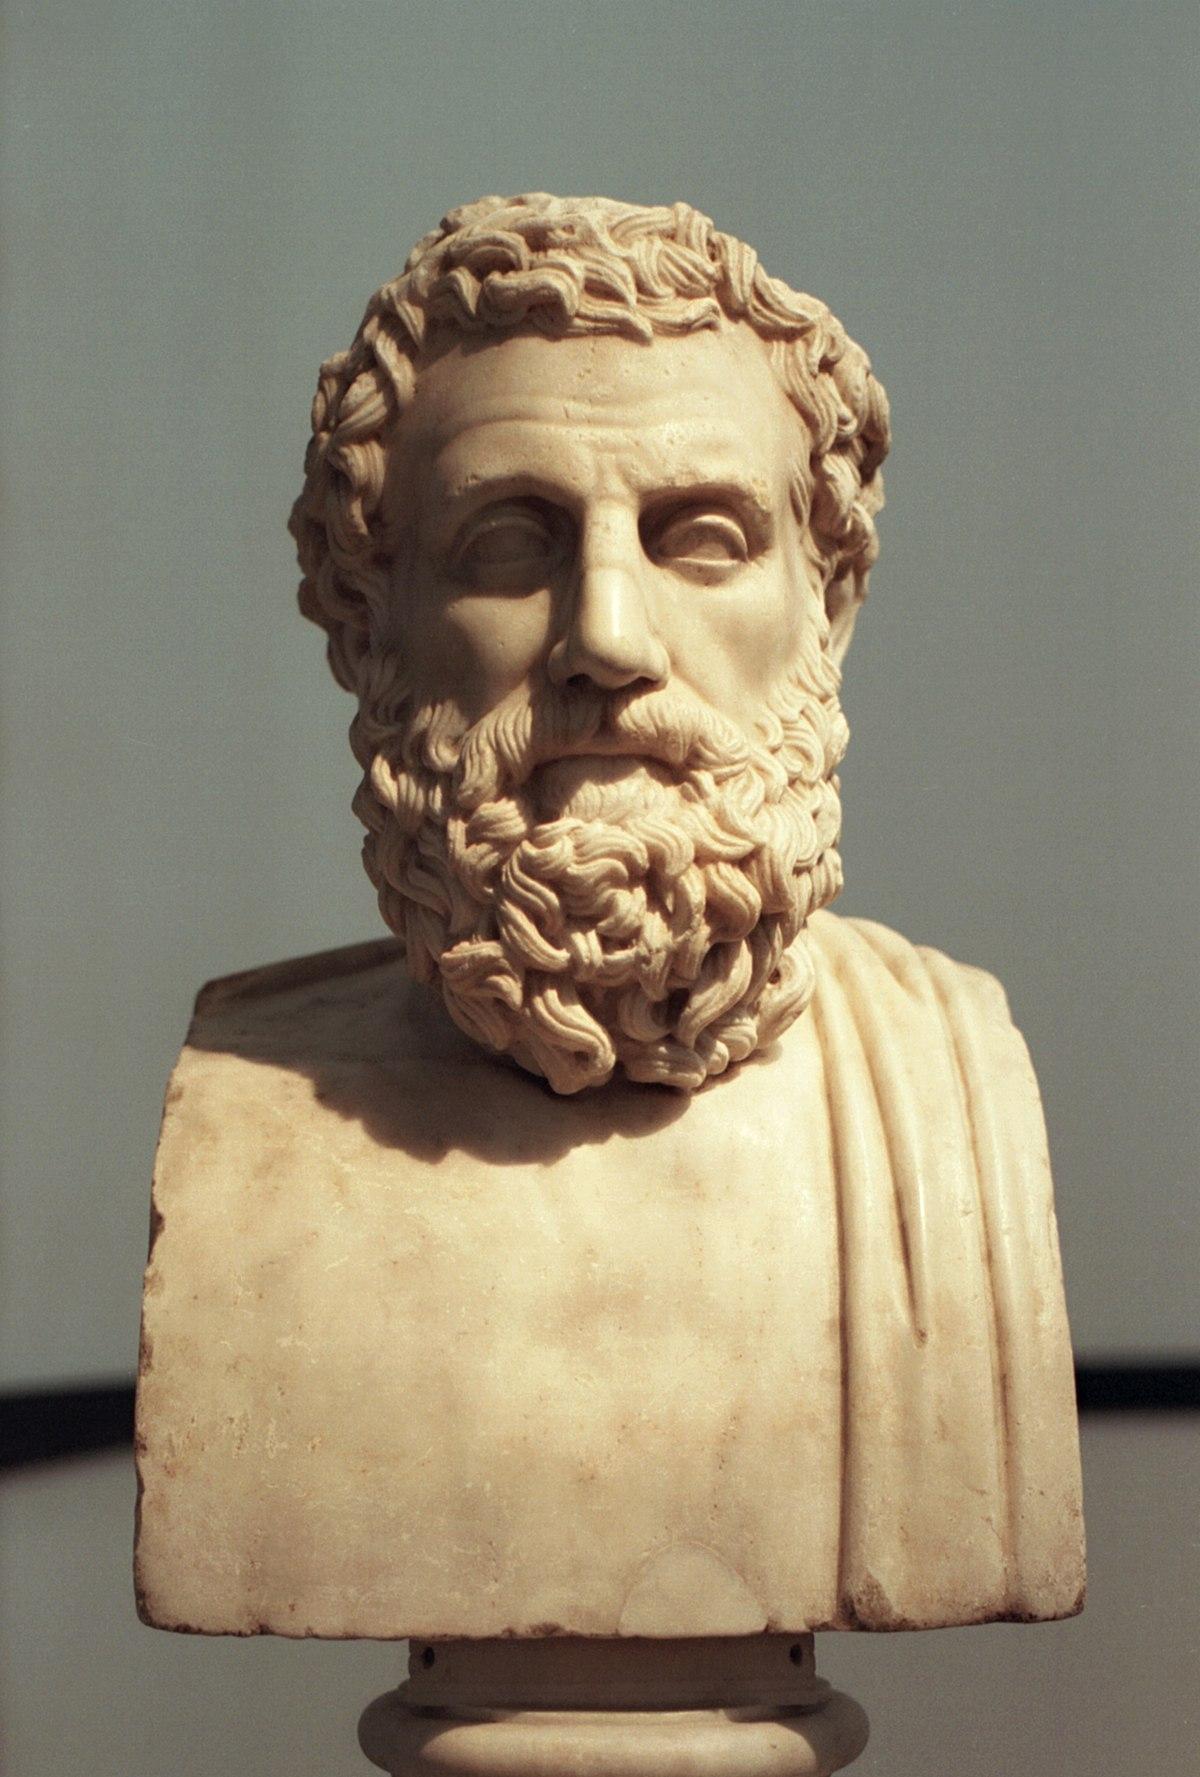 Aeschylus